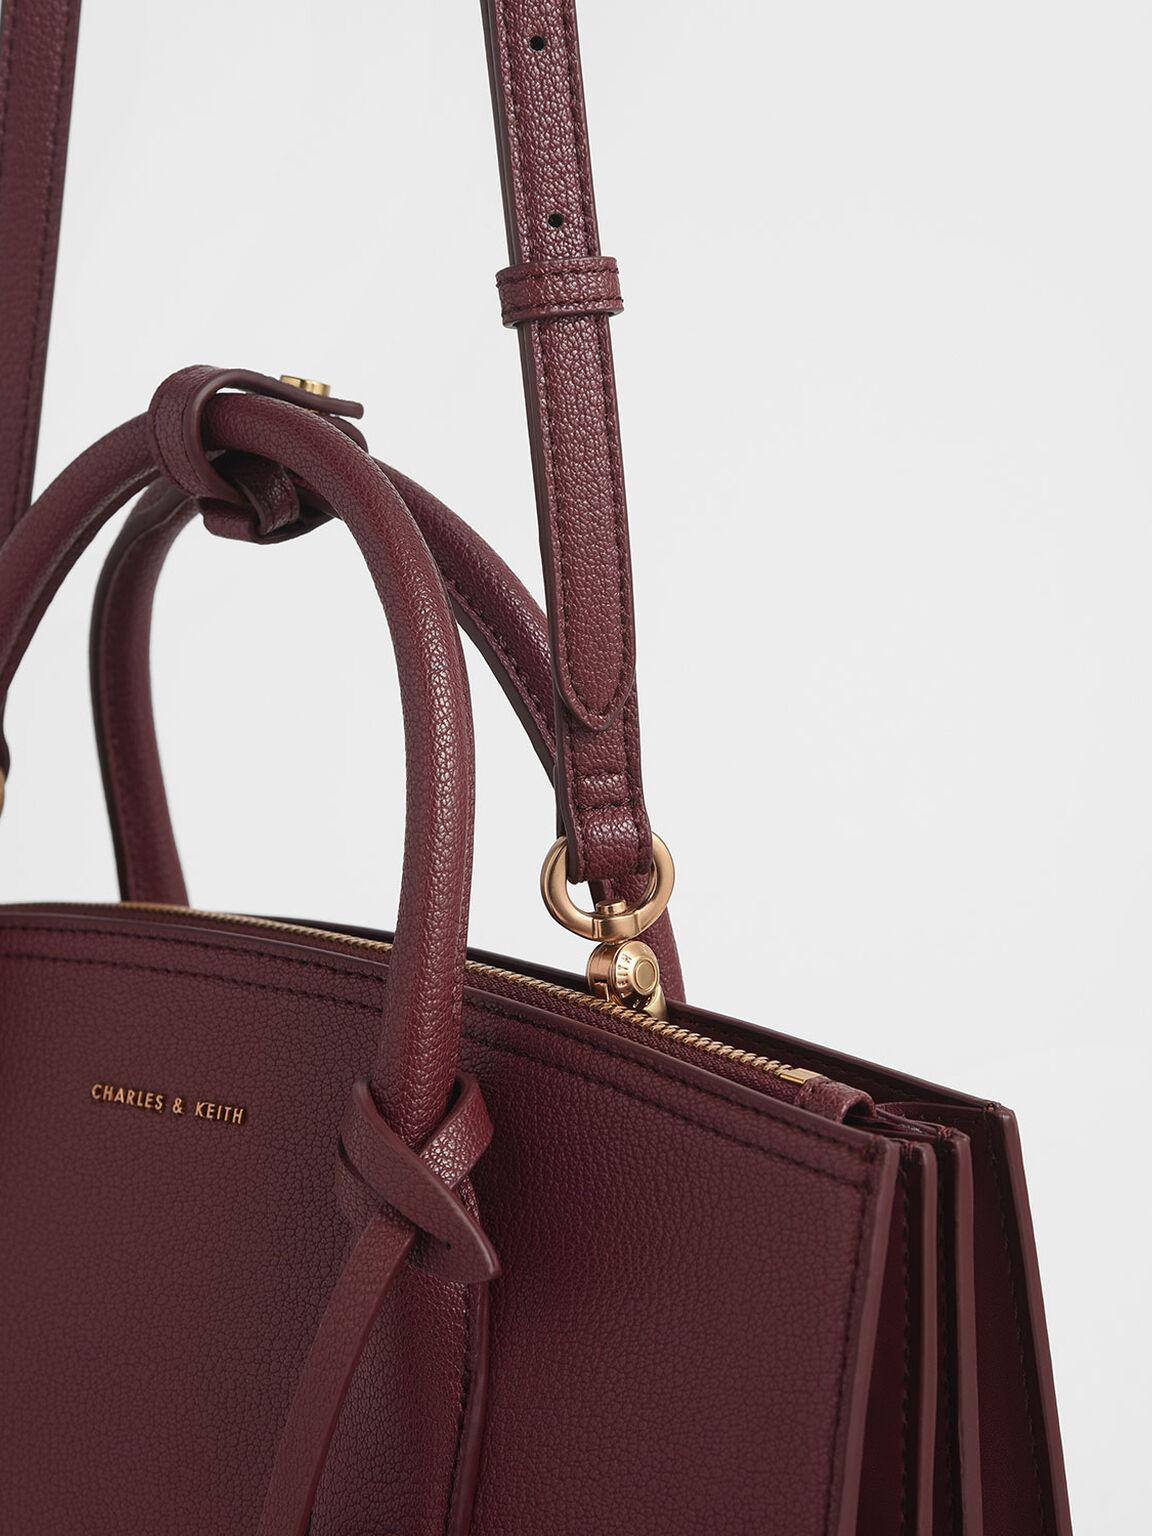 Large Structured Tote Bag, Burgundy, hi-res